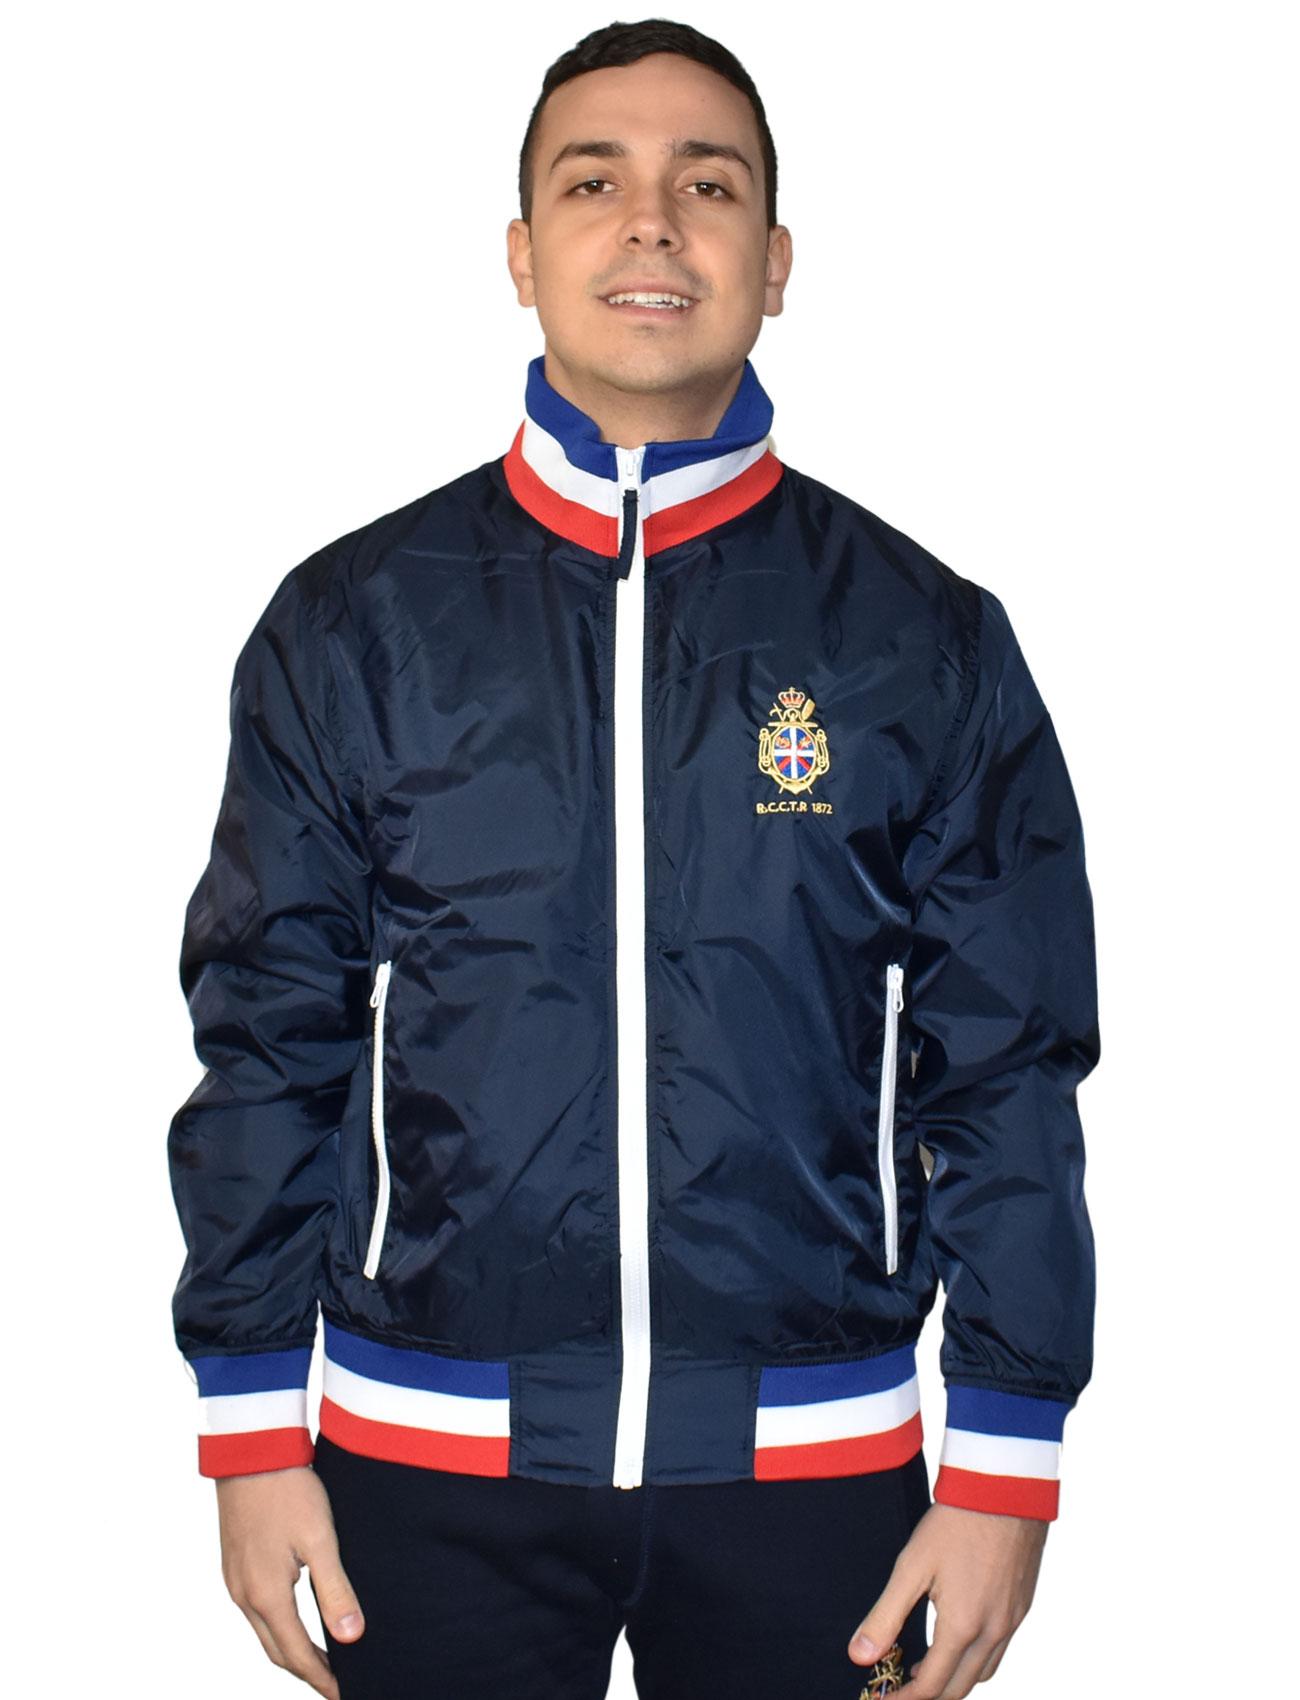 Da Hobby Sport Roma giacca microfibra foderata Reale Circolo Canottieri Tevere Remo